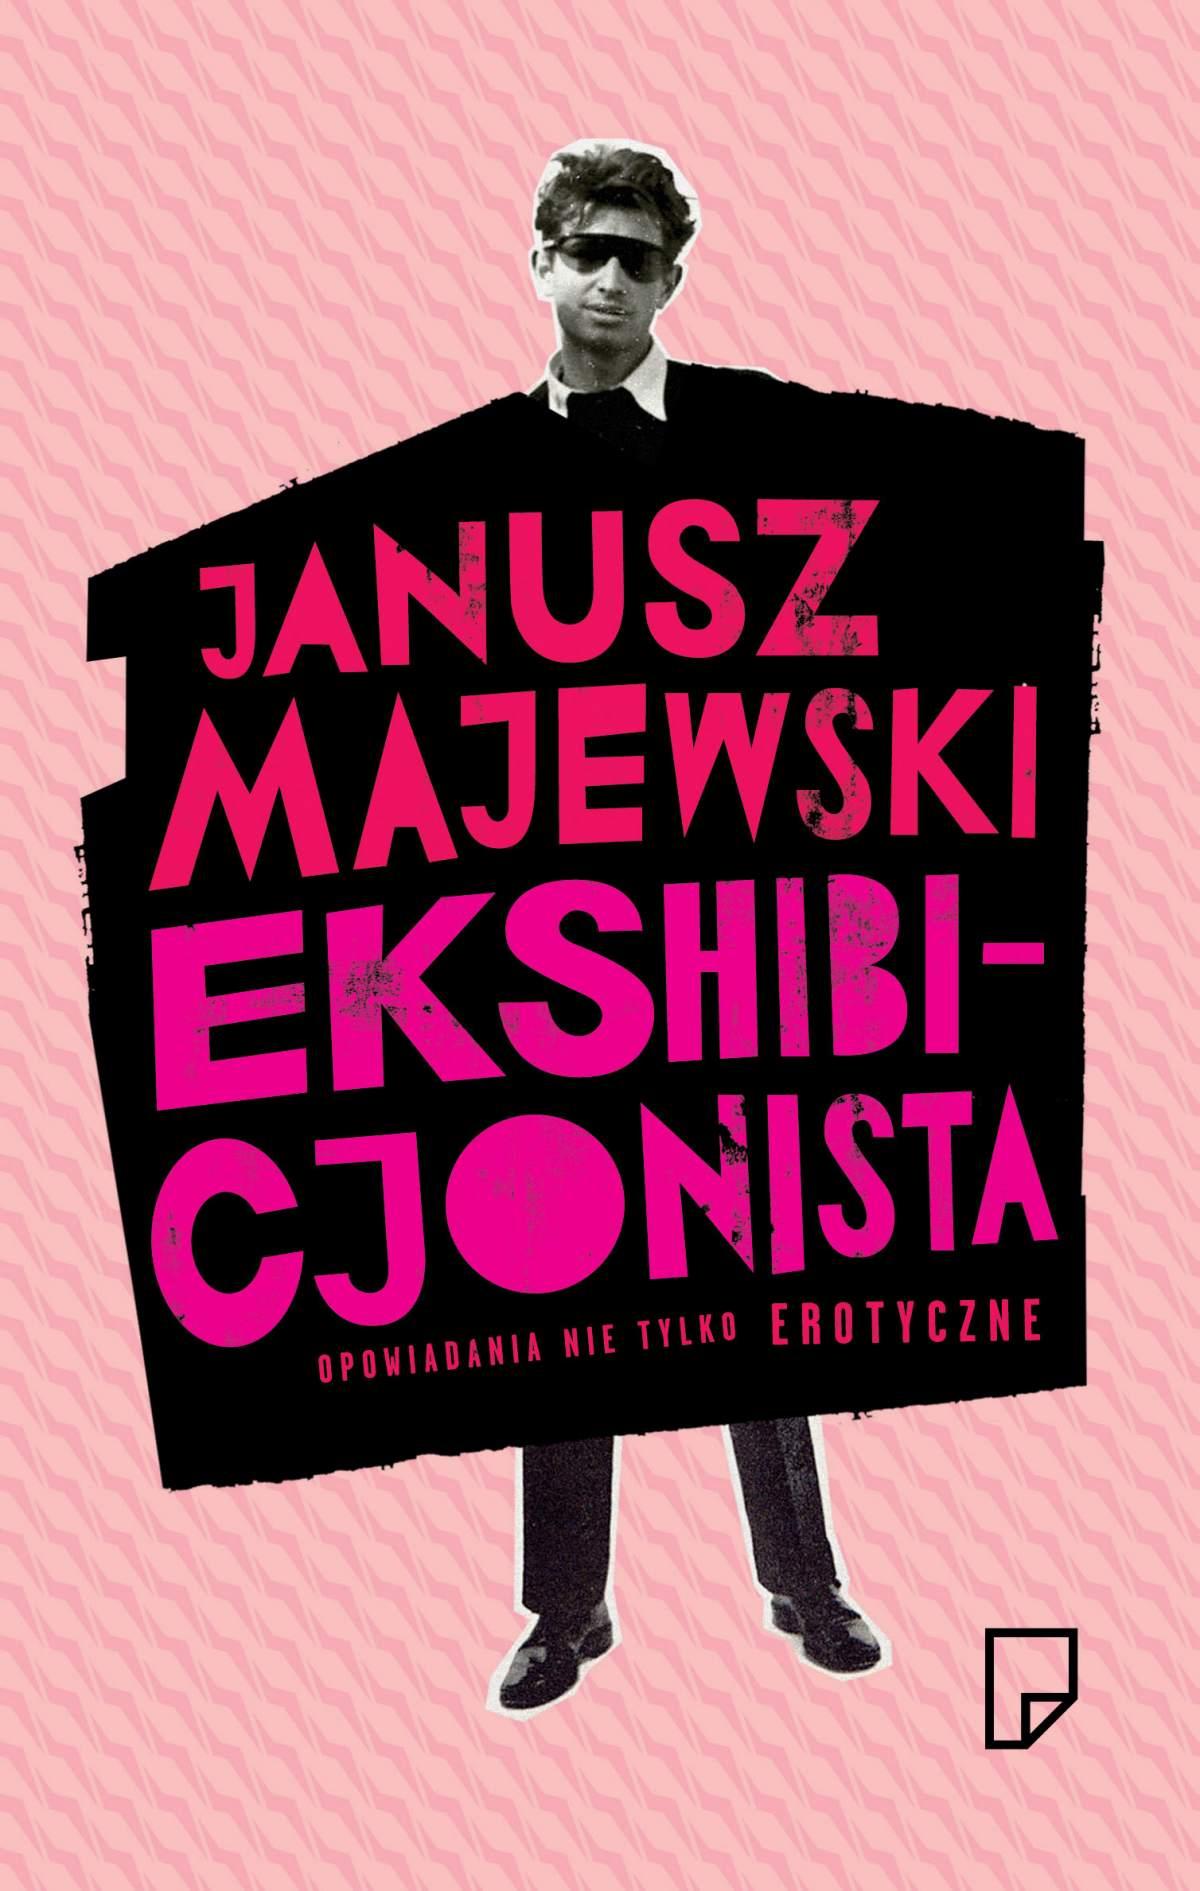 Ekshibicjonista - Ebook (Książka EPUB) do pobrania w formacie EPUB